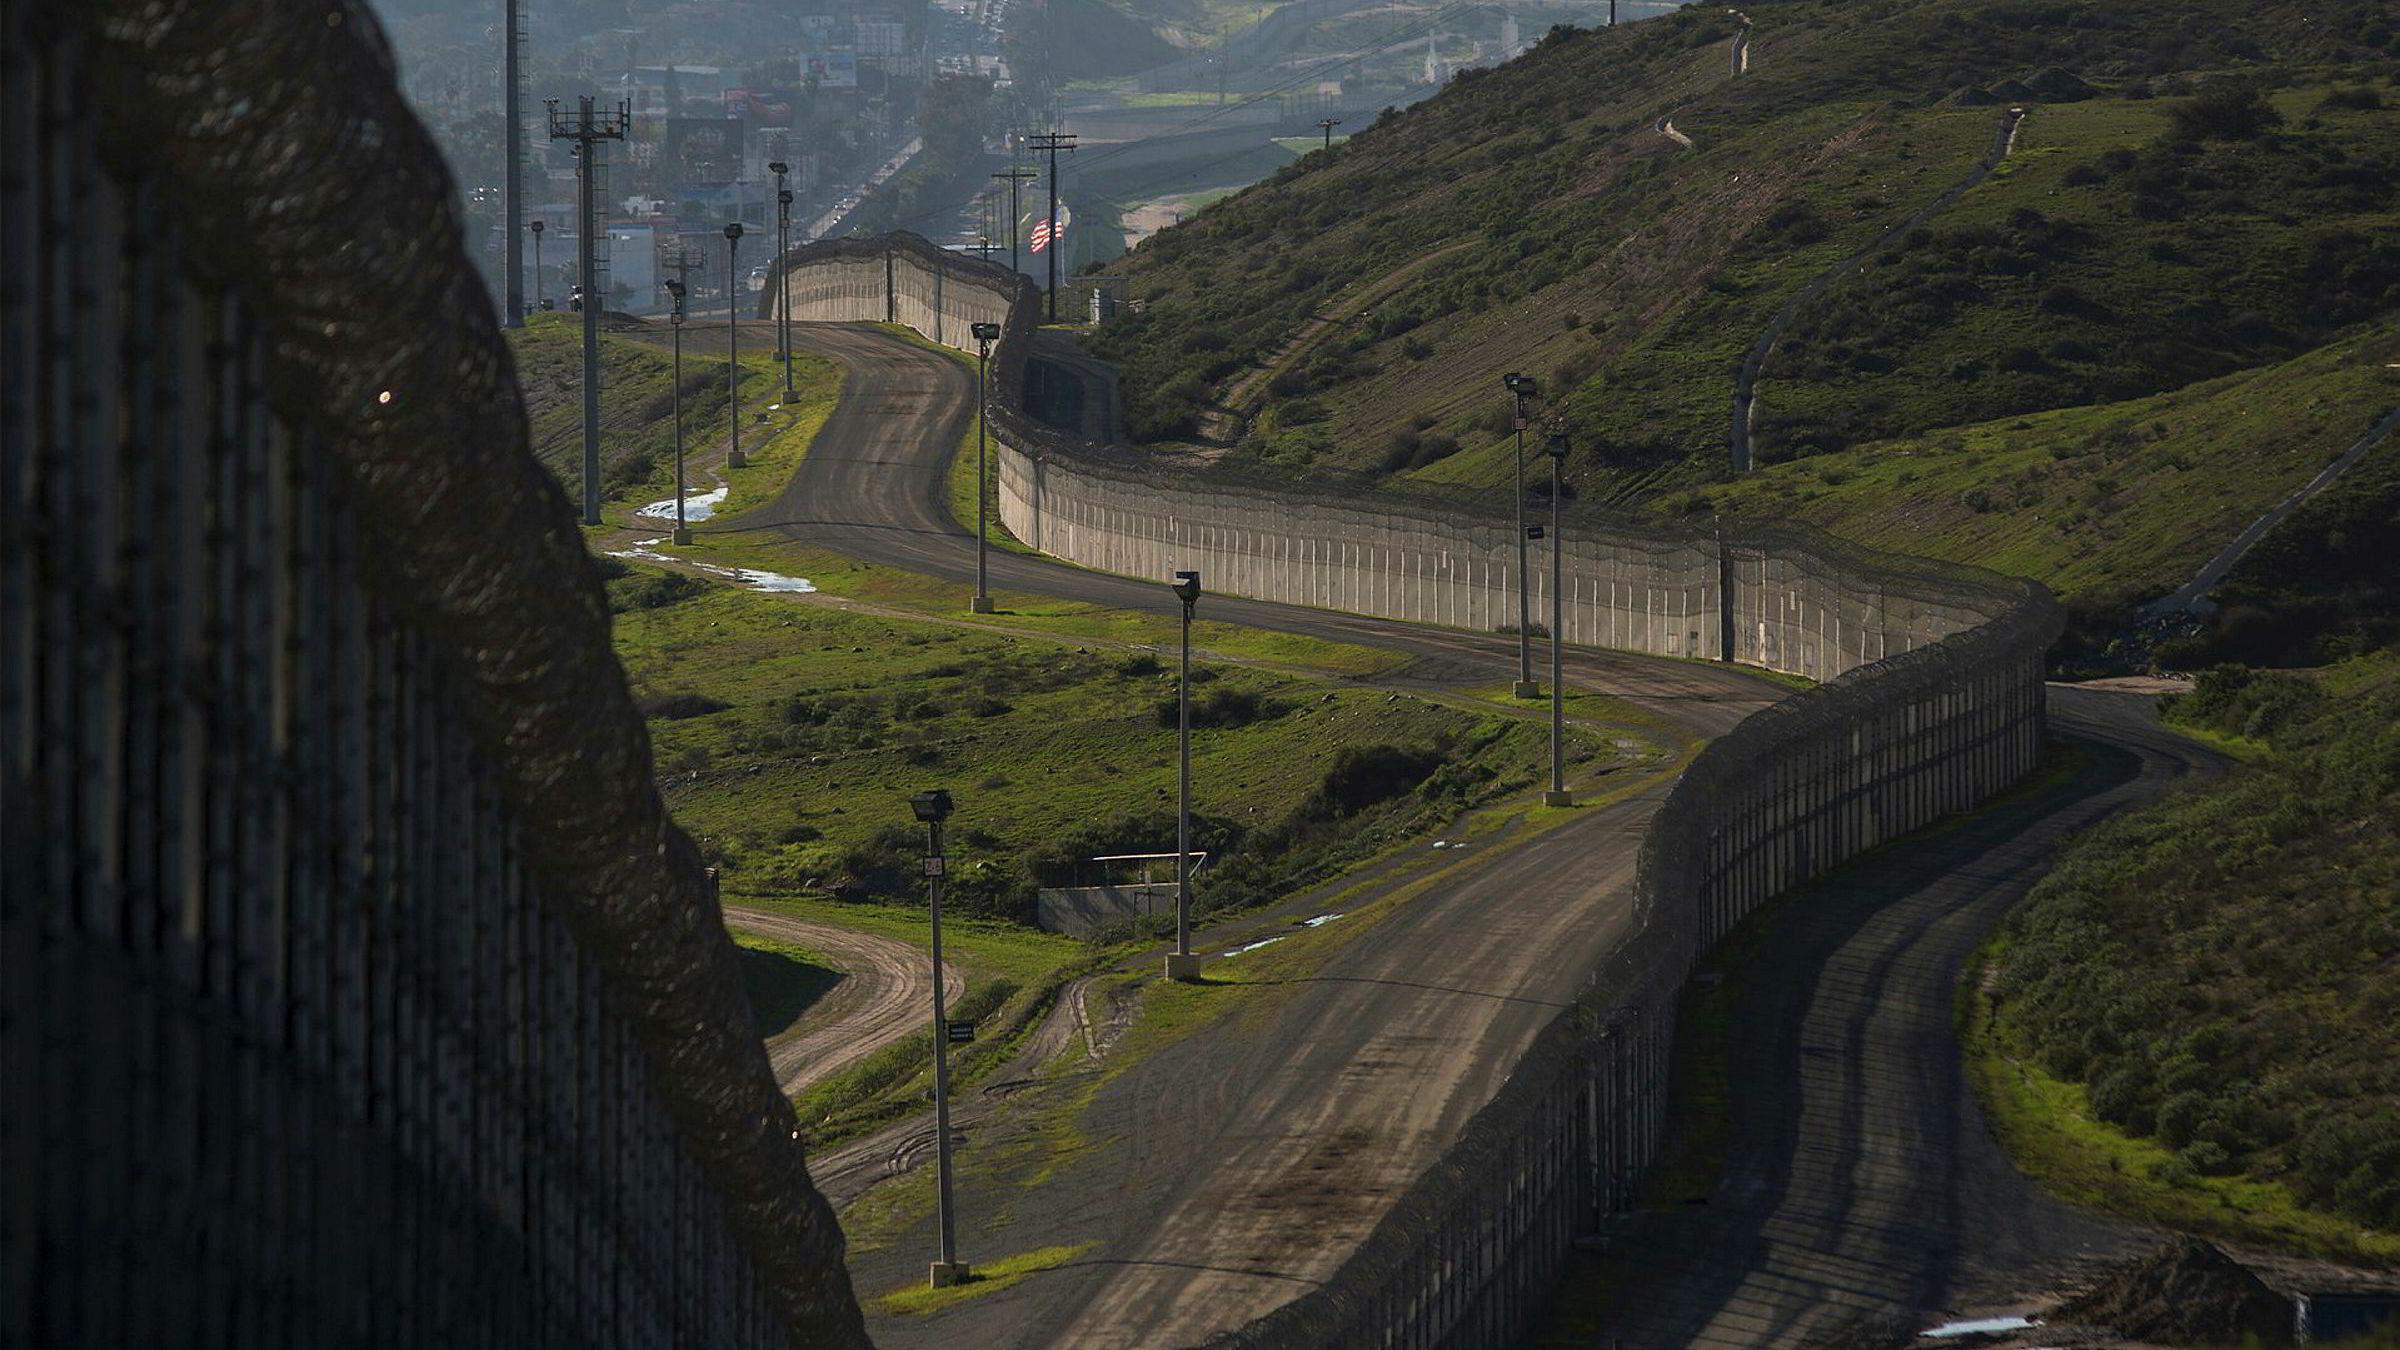 I San Ysidro i California står det tett i tett med stålvegger, gjerder, piggtråd og andre barrikader. Donald Trump har gitt ordre om å starte byggingen av en grensemur mellom USA og Mexico.